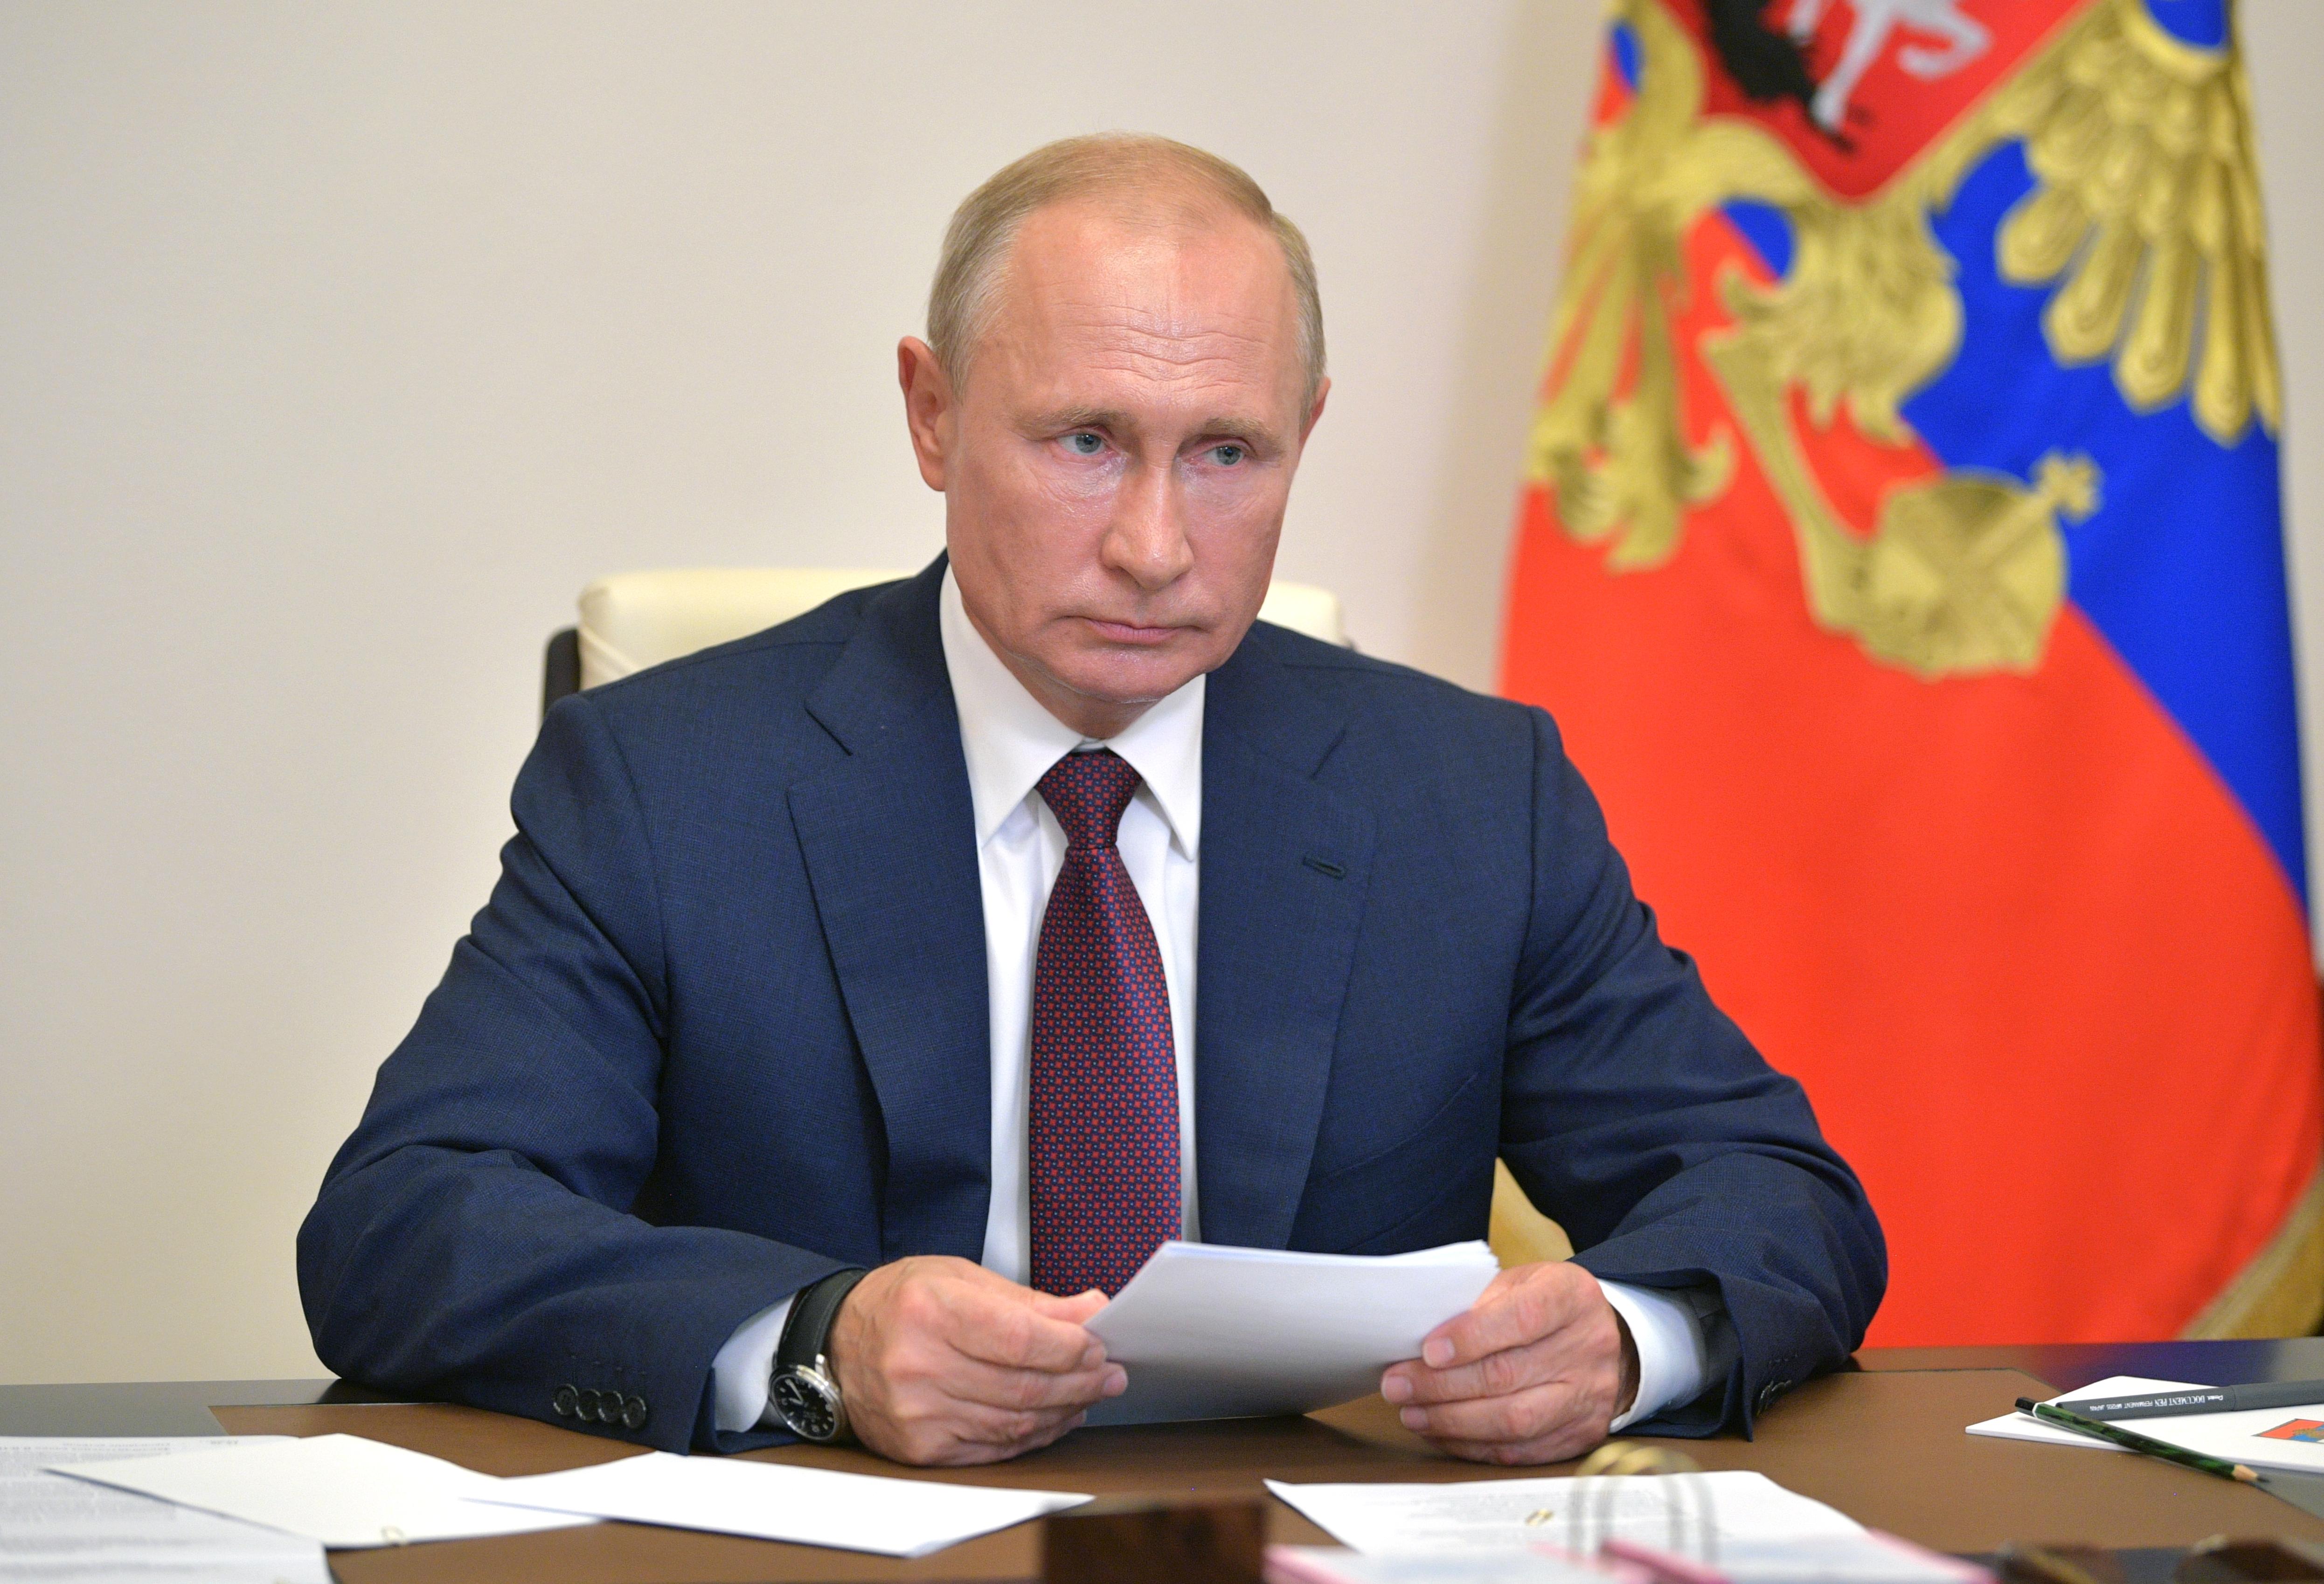 A Kreml nem árulja el, hogy Putyin melyik orosz vakcinát kapja